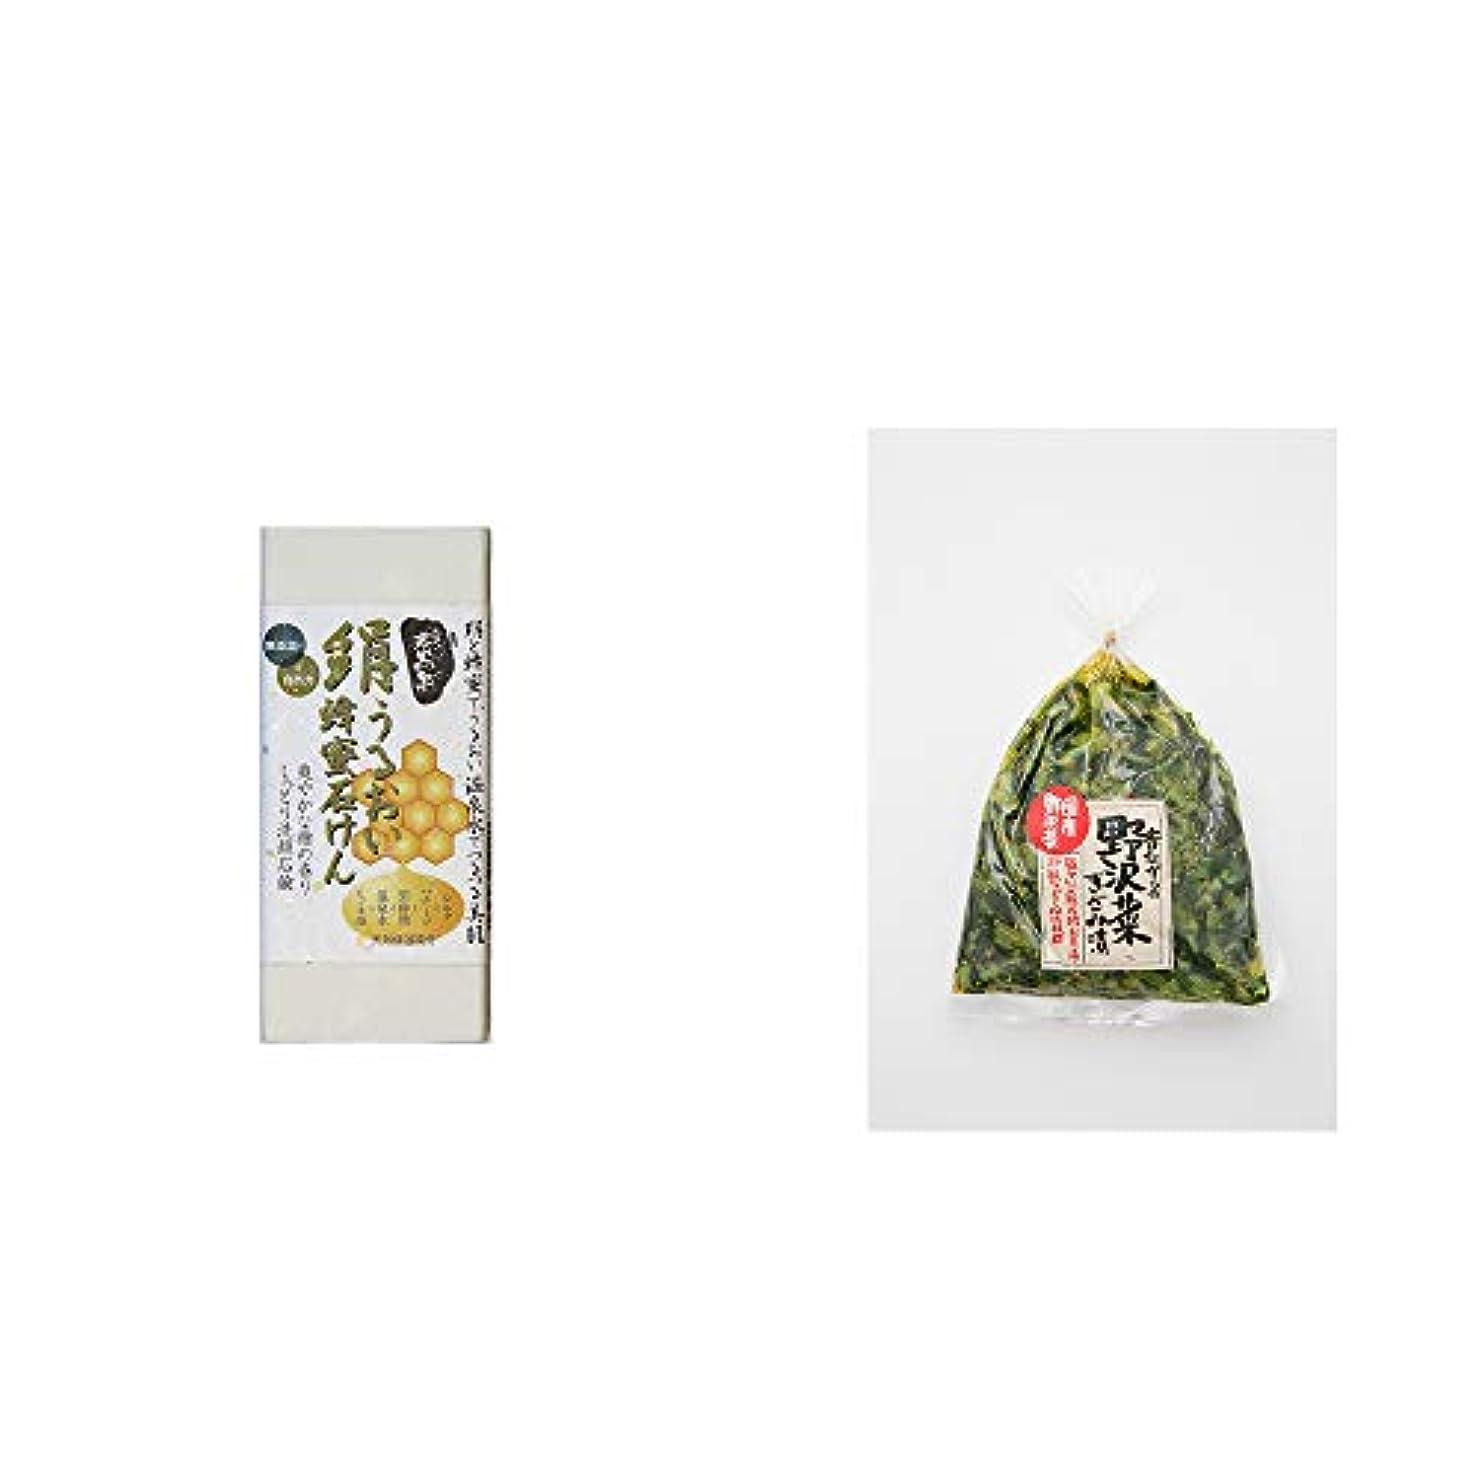 ロードされた山積みのファイバ[2点セット] ひのき炭黒泉 絹うるおい蜂蜜石けん(75g×2)?国産 昔ながらの野沢菜きざみ漬け(150g)